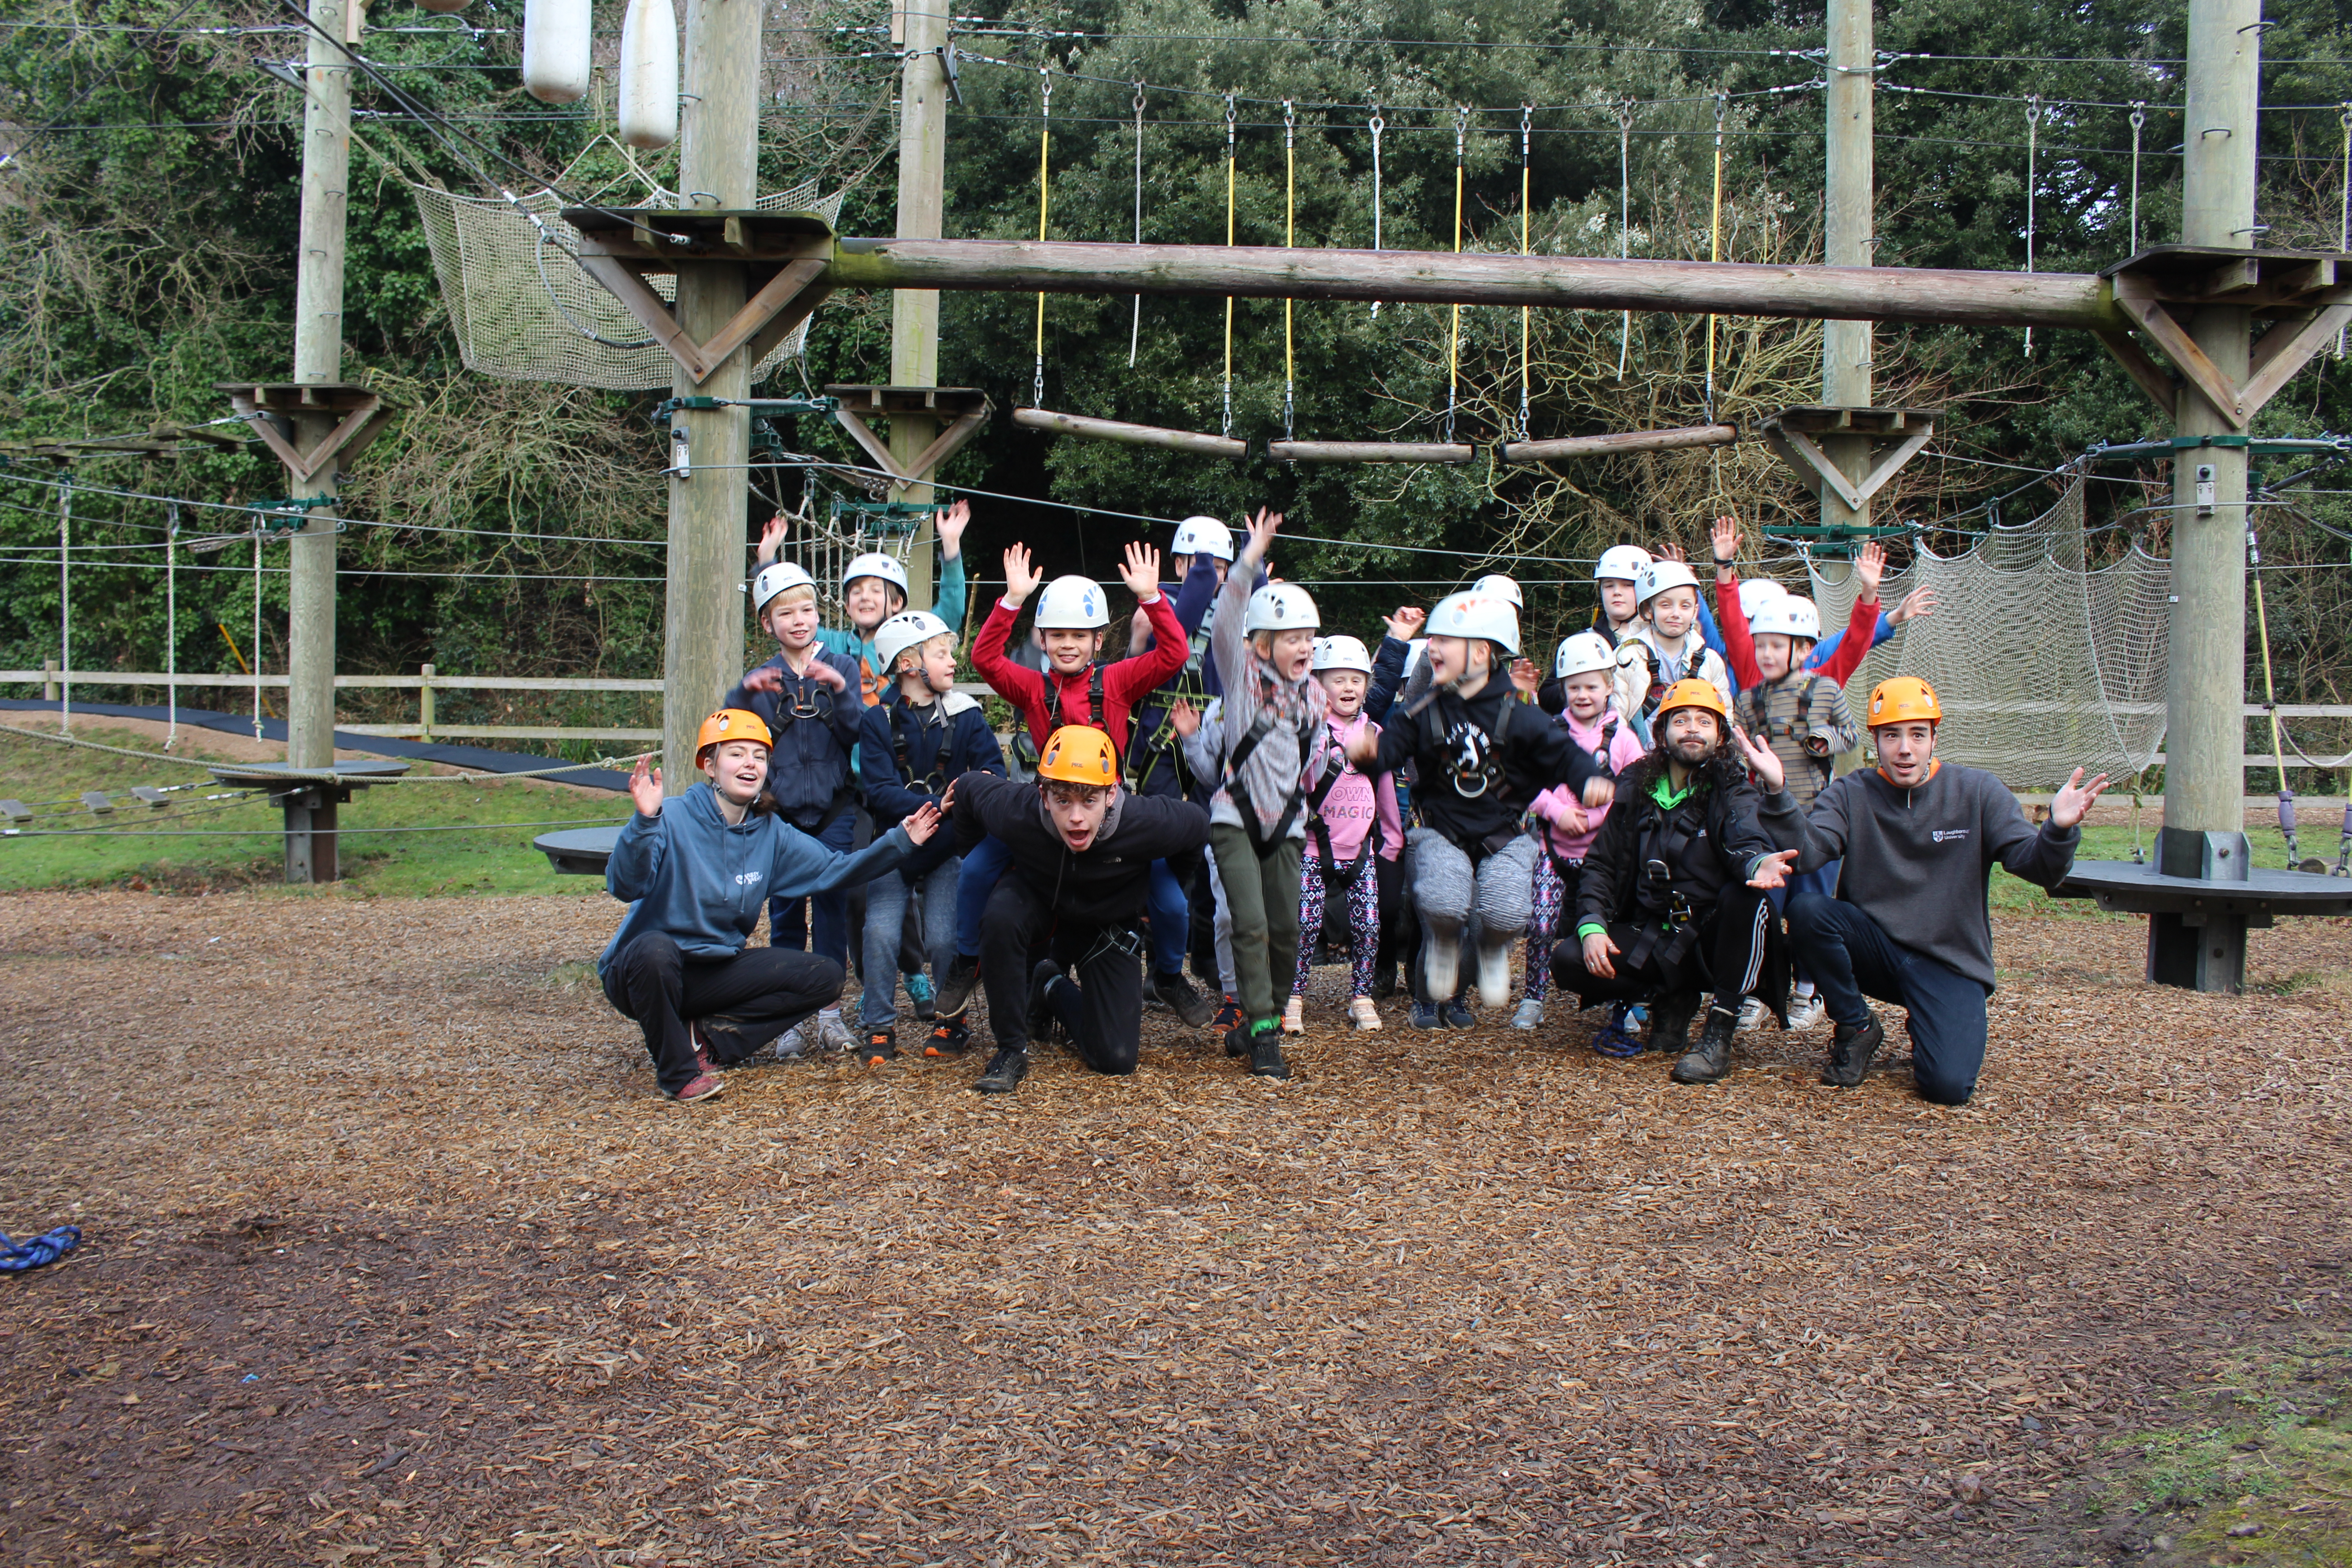 Kid's Club Jersey Valley Adventure